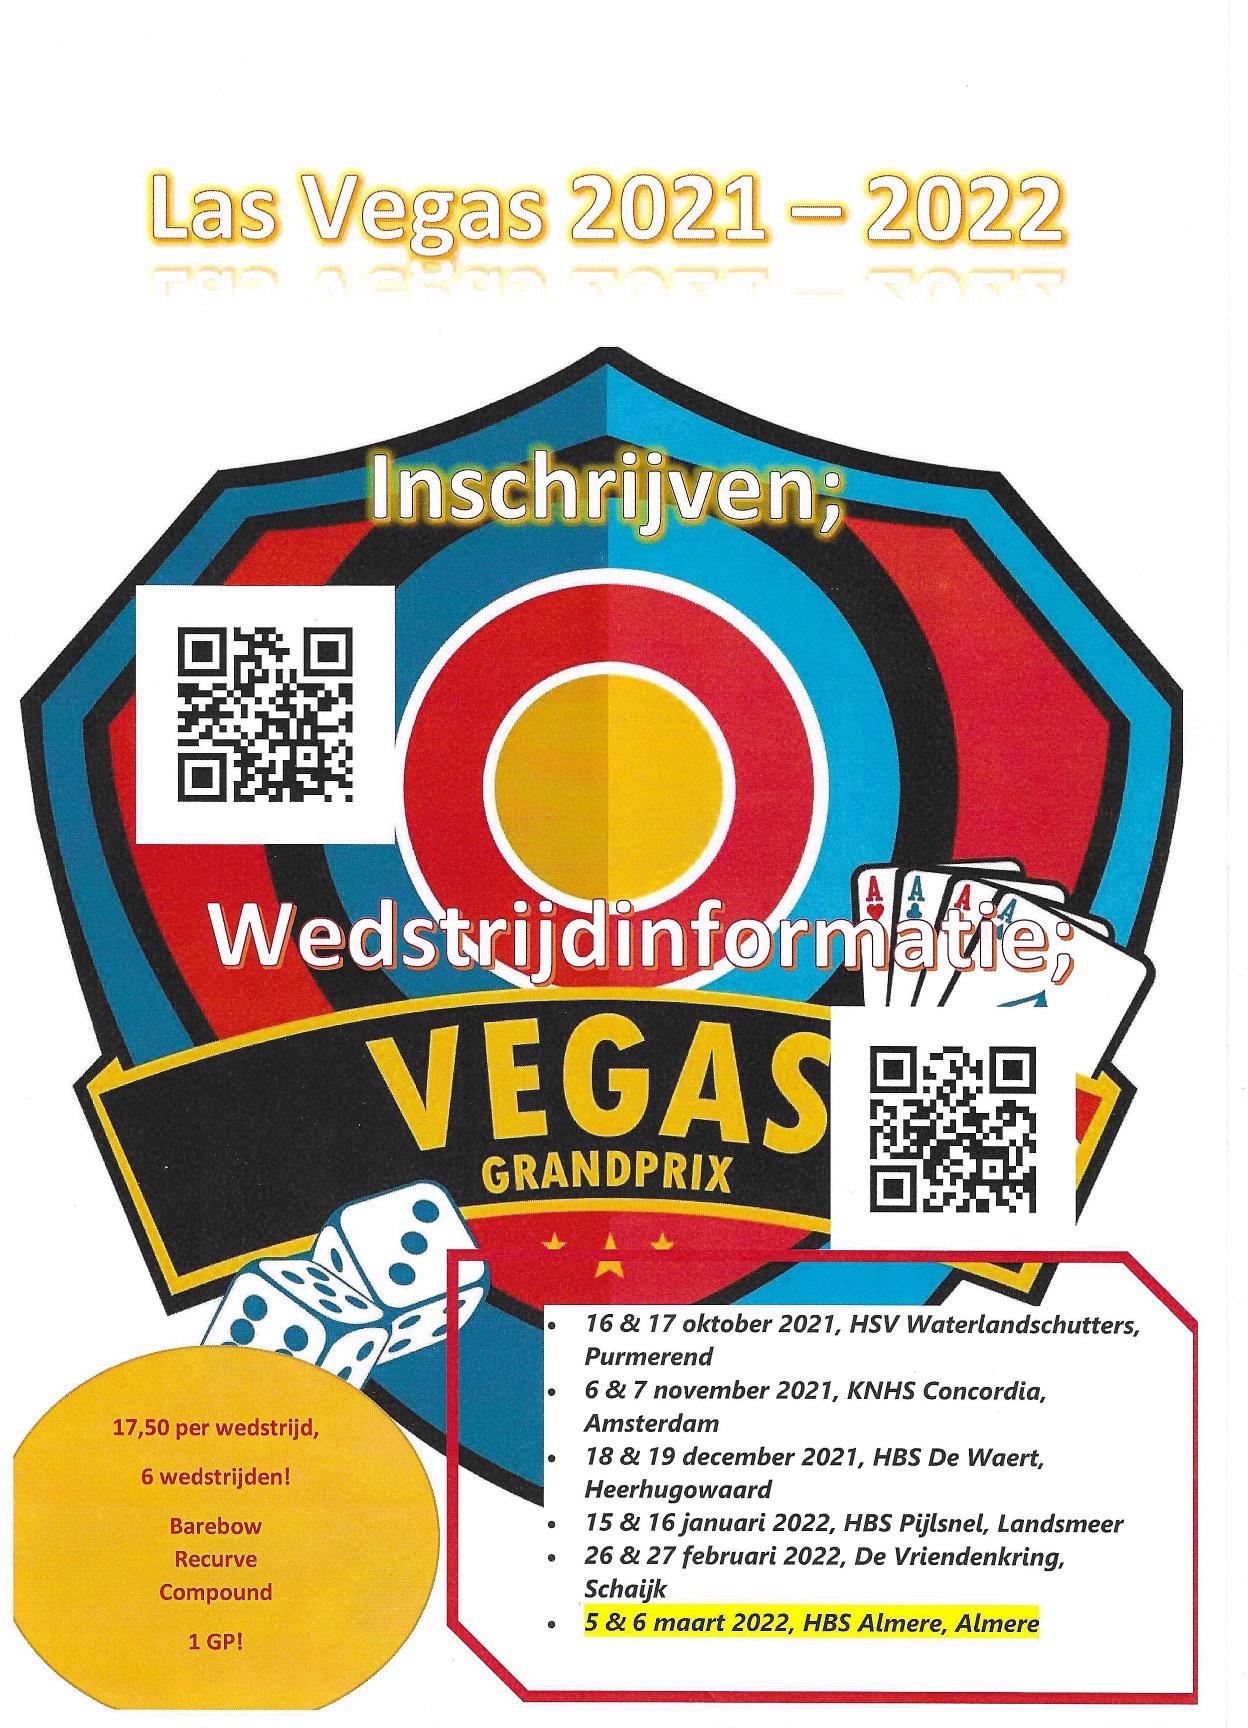 Las Vegas 2021 – 2022